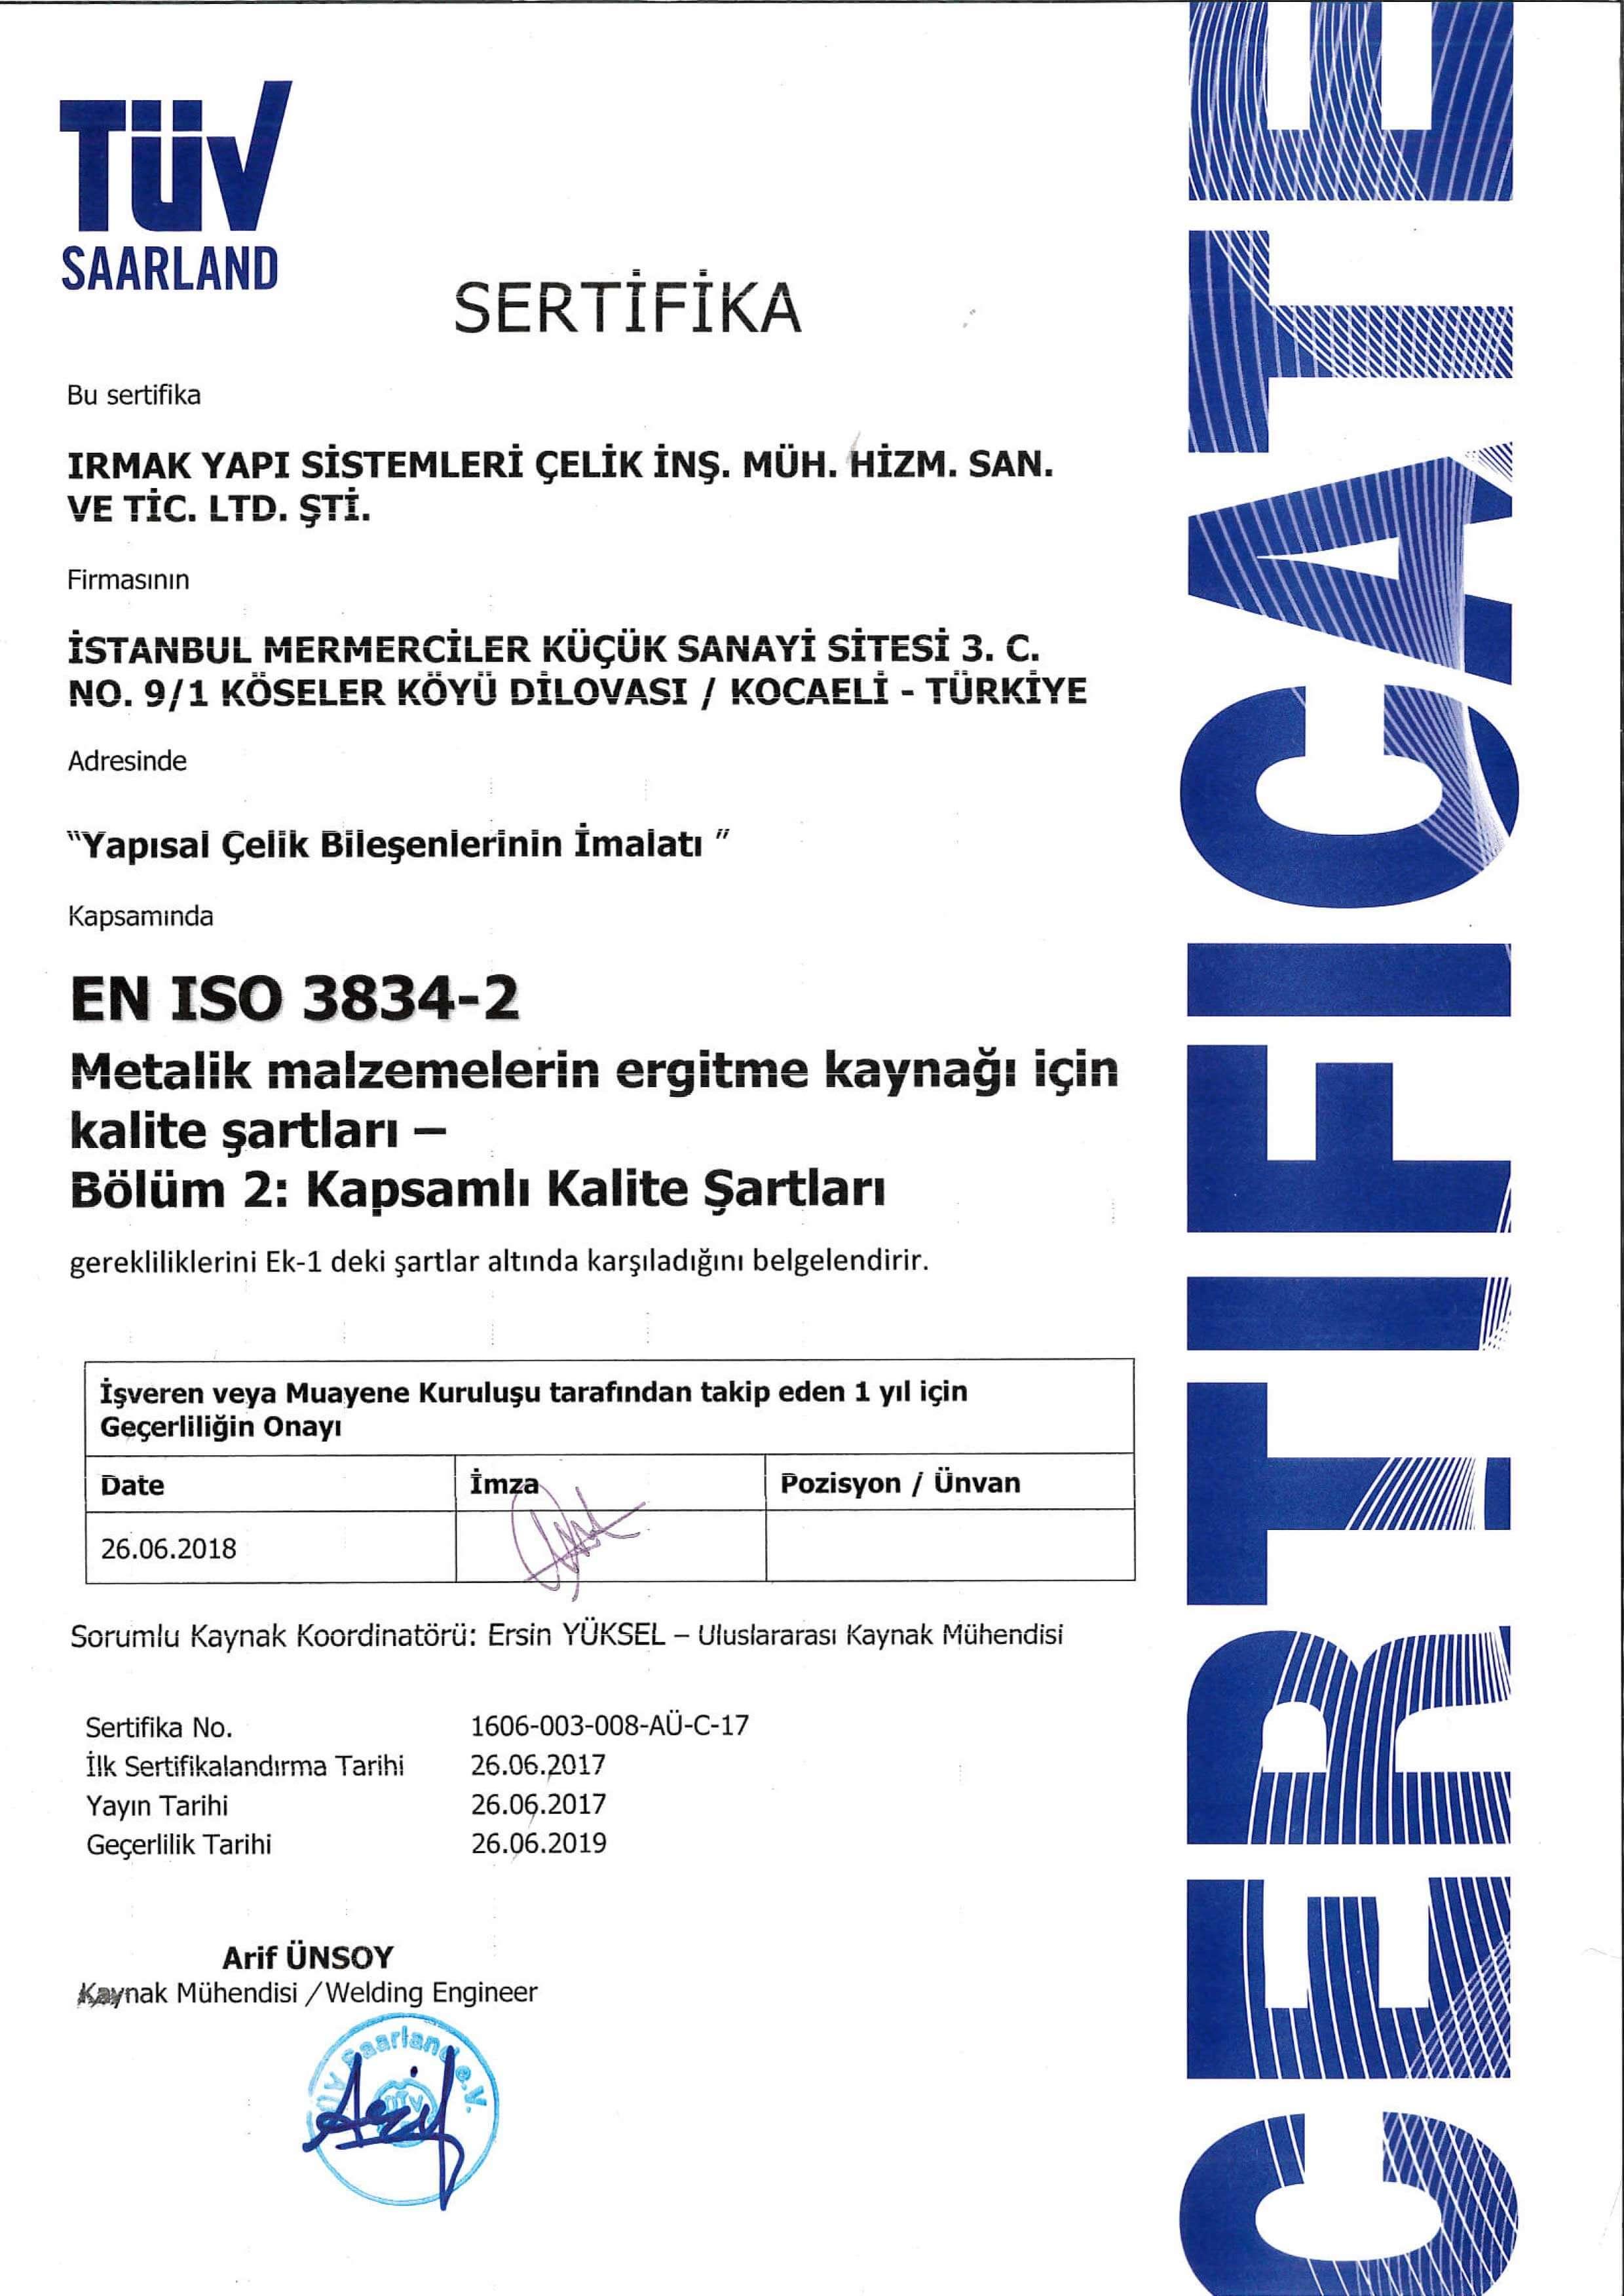 sertifika en iso 3834-2